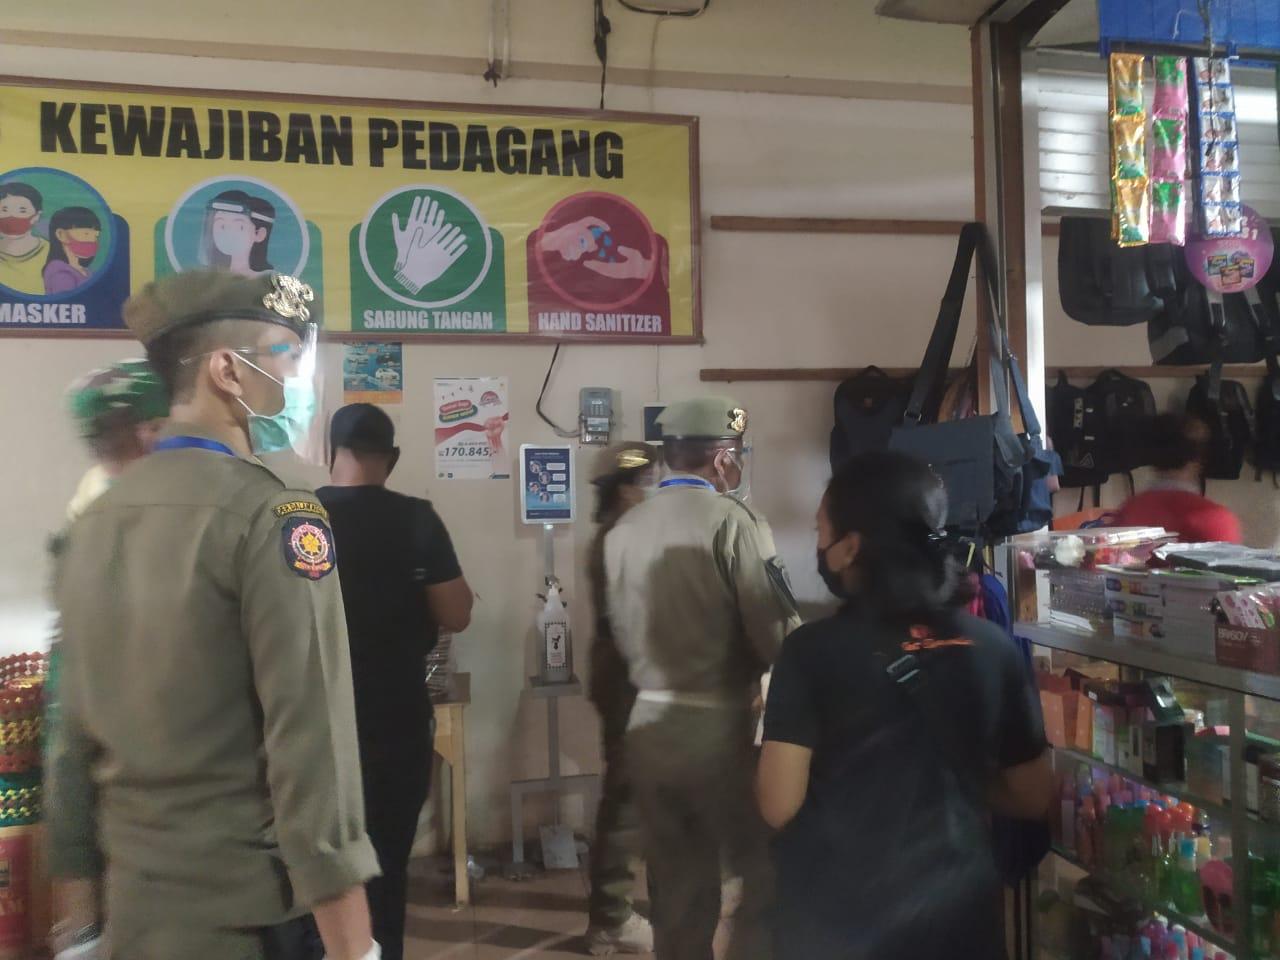 Foto: MASKER KARANGASEM PETUGAS melakukan sidak masker di Karangasem. Siapapun tidak pakai masker beraktivitas di luar rumah, siap-siap dikenai denda. Foto: nad